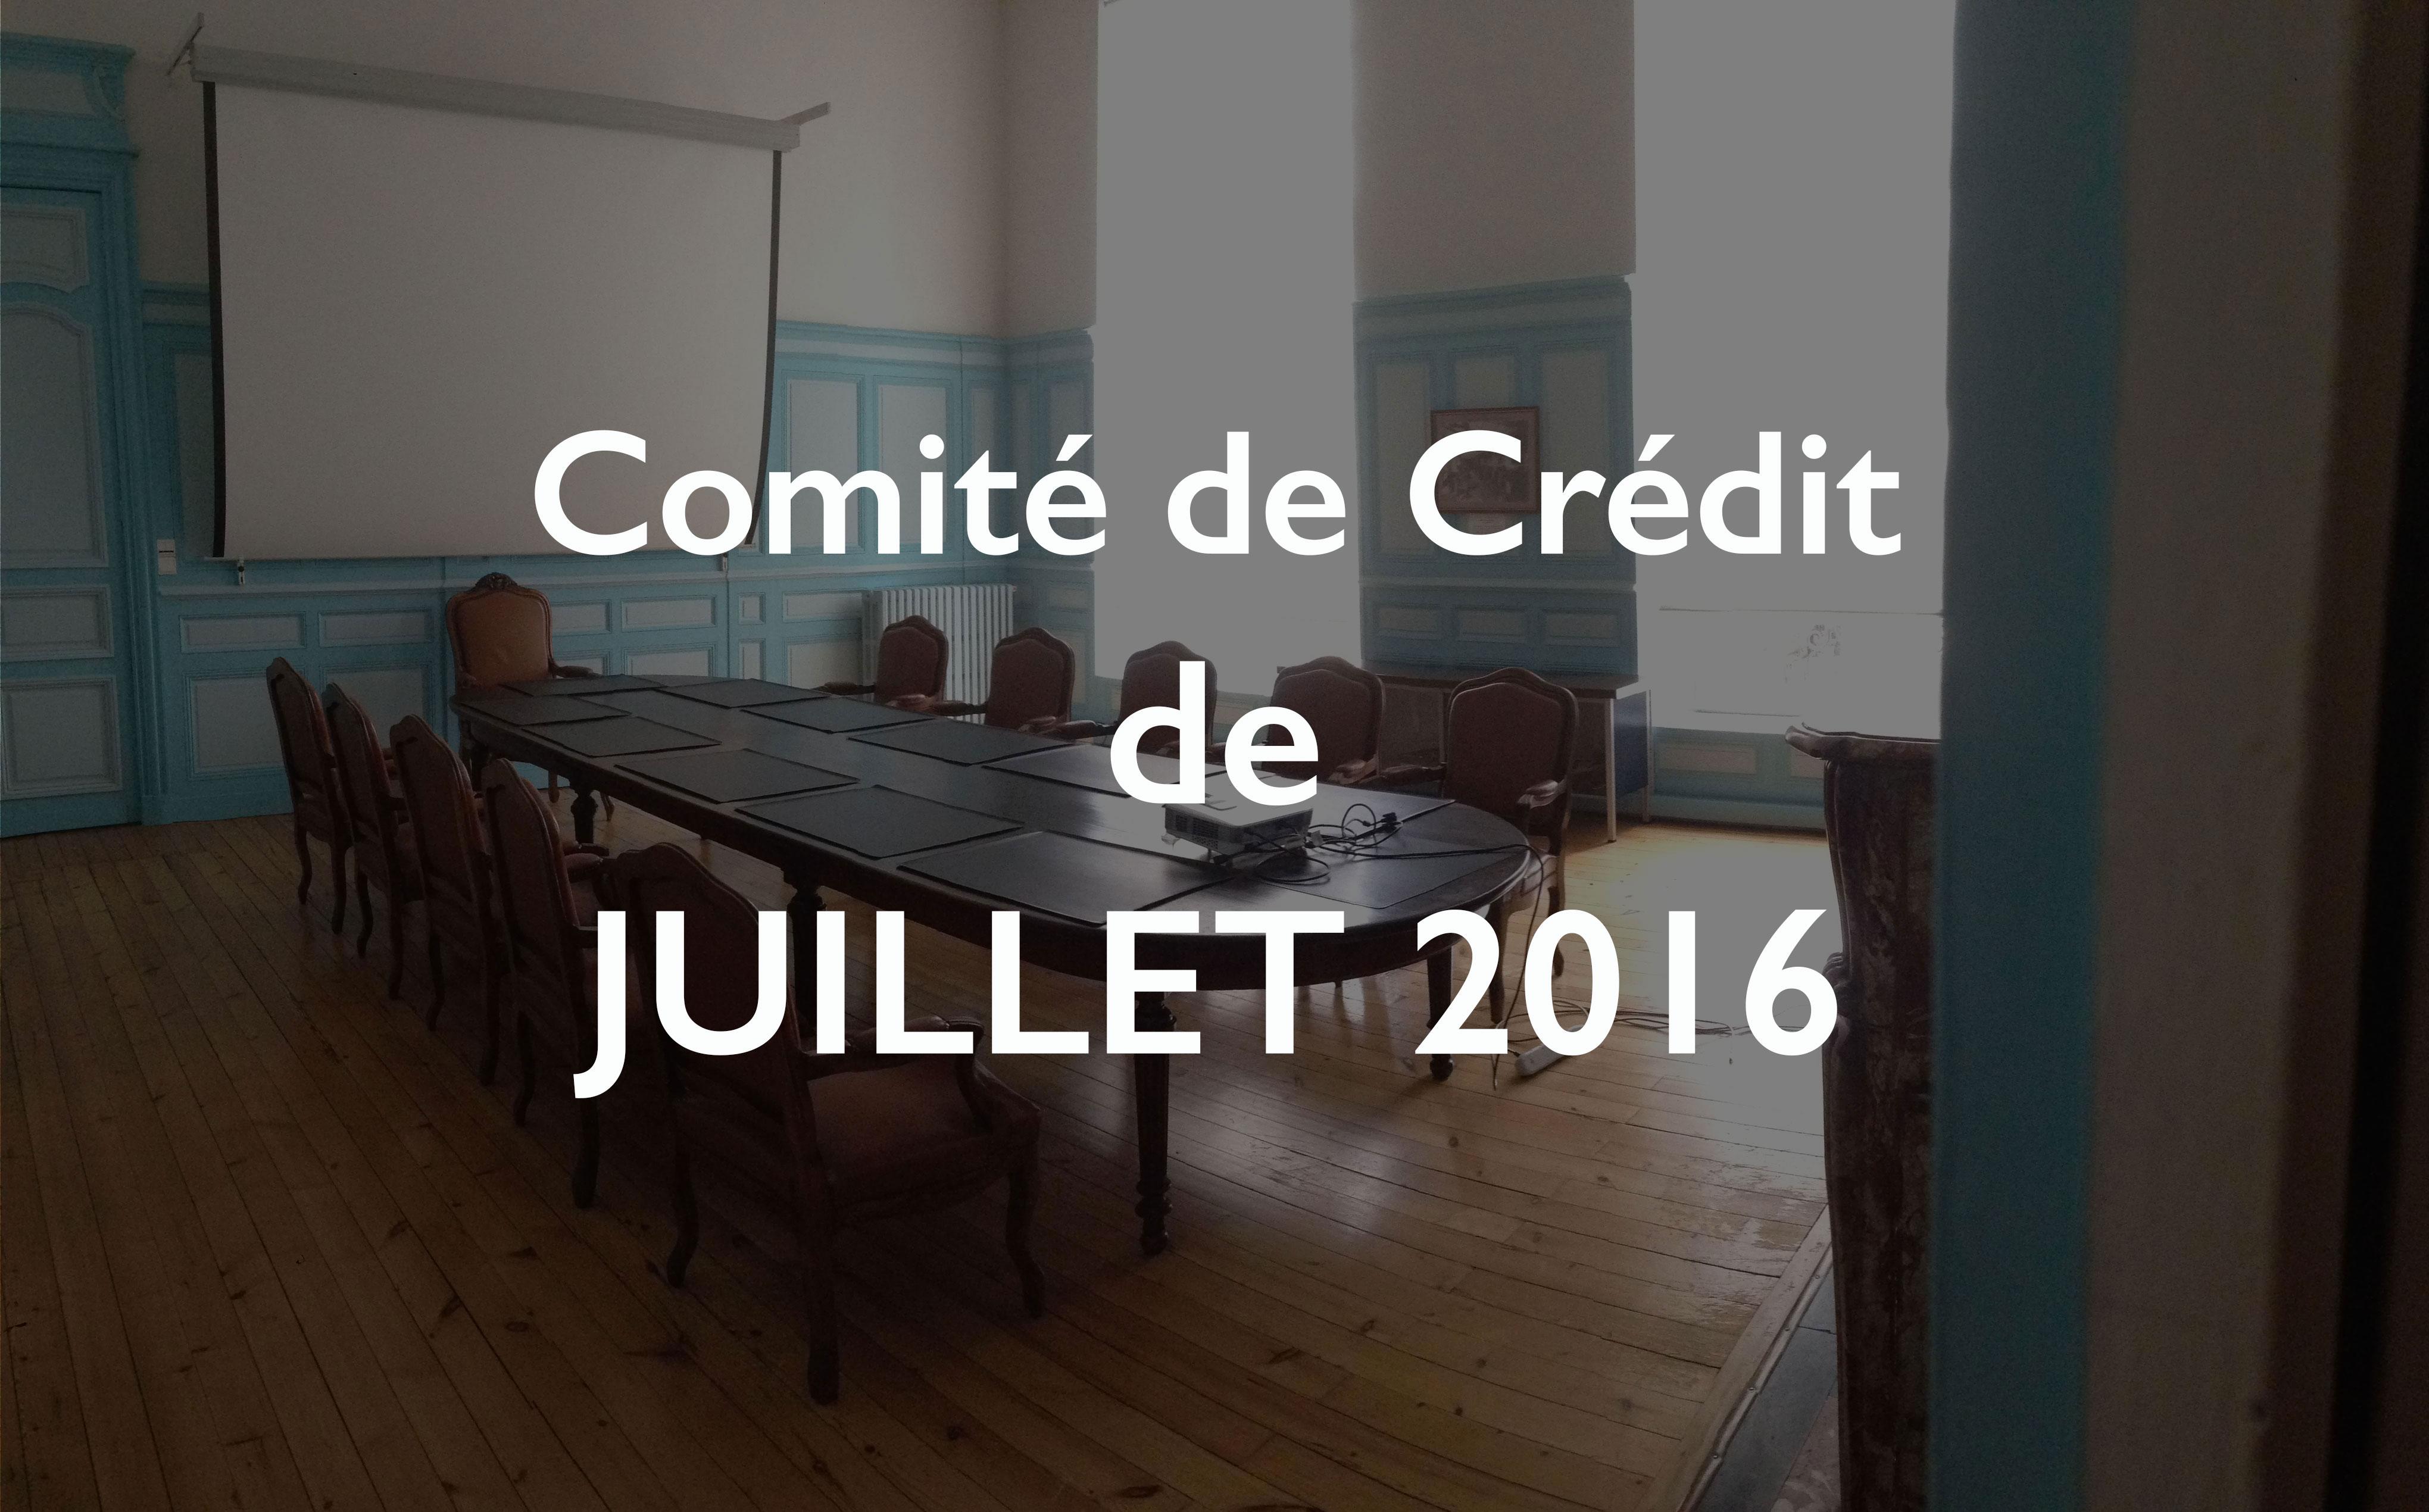 Illustration du Comité de Crédit de Juillet 2016